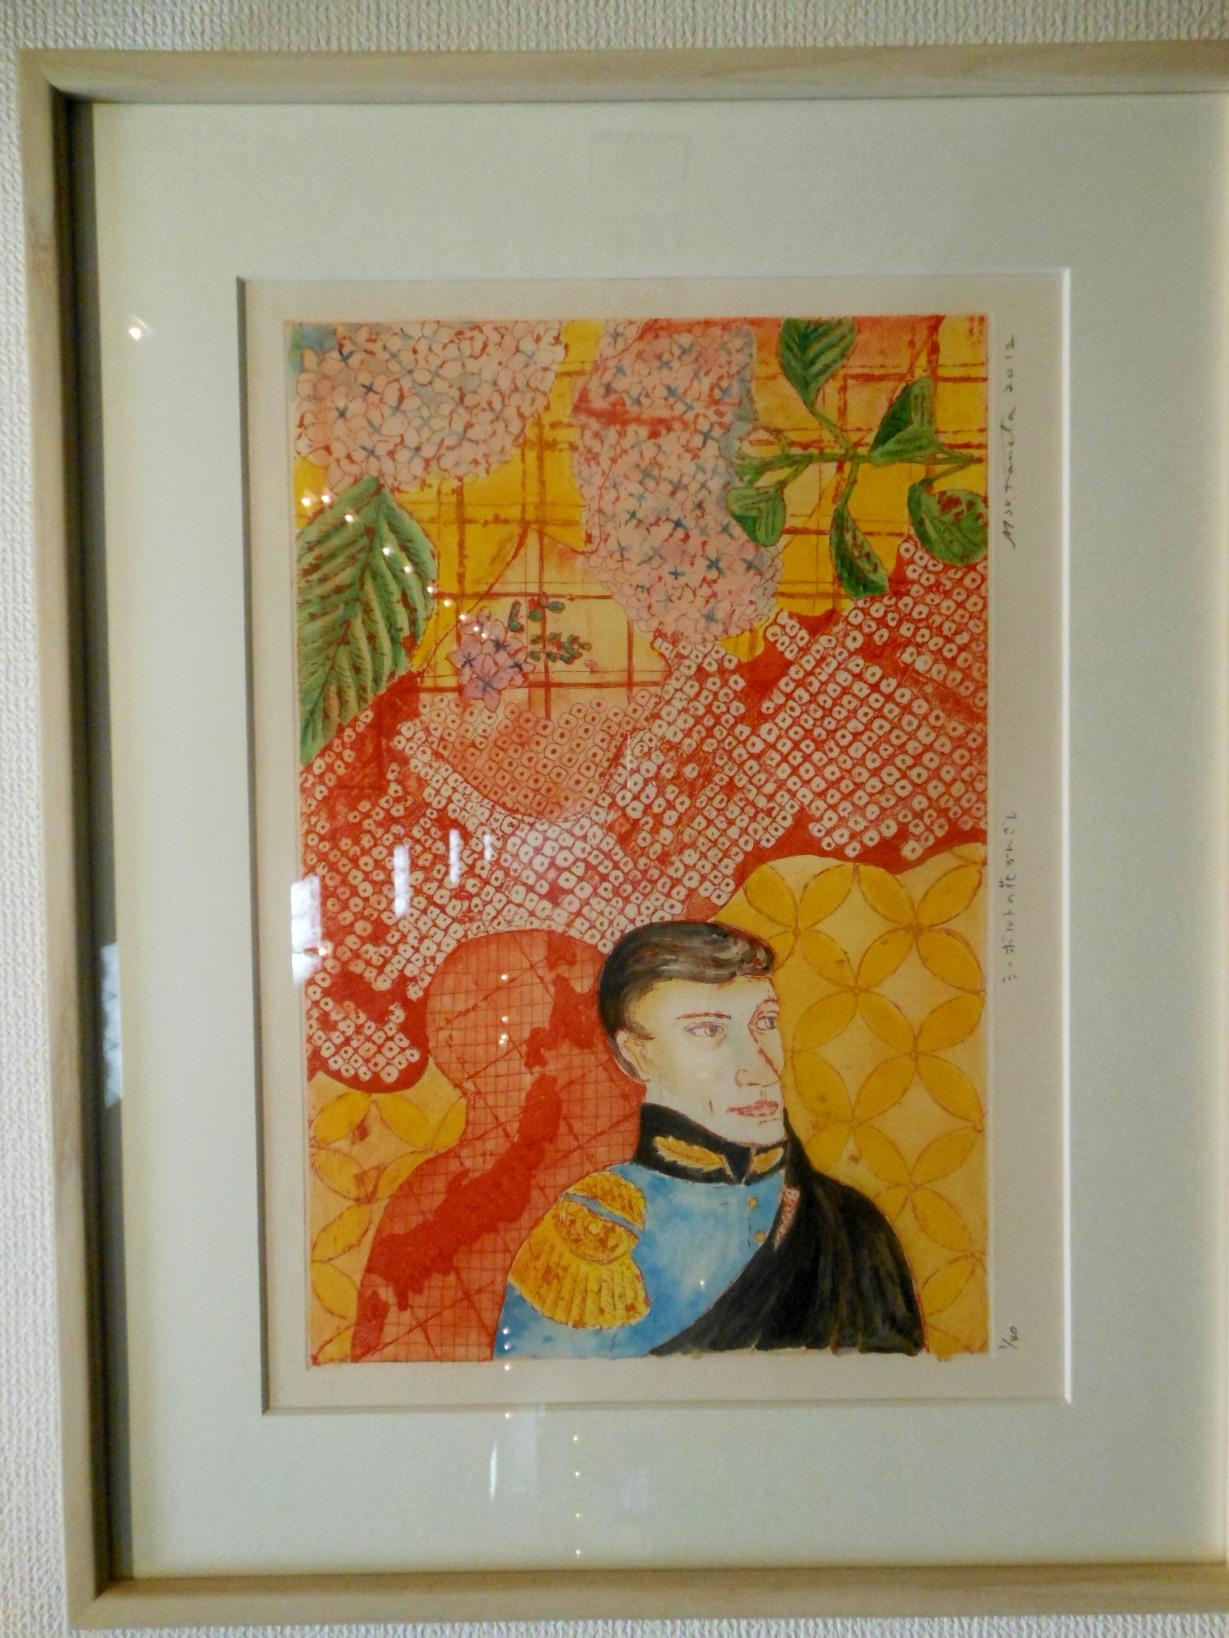 1910)②「彼方アツコ・関川敦子 二人のATSUKOの版画展 『In Harmony』」 道新g. 12月6日(木)~12月11日(火)_f0126829_10155587.jpg